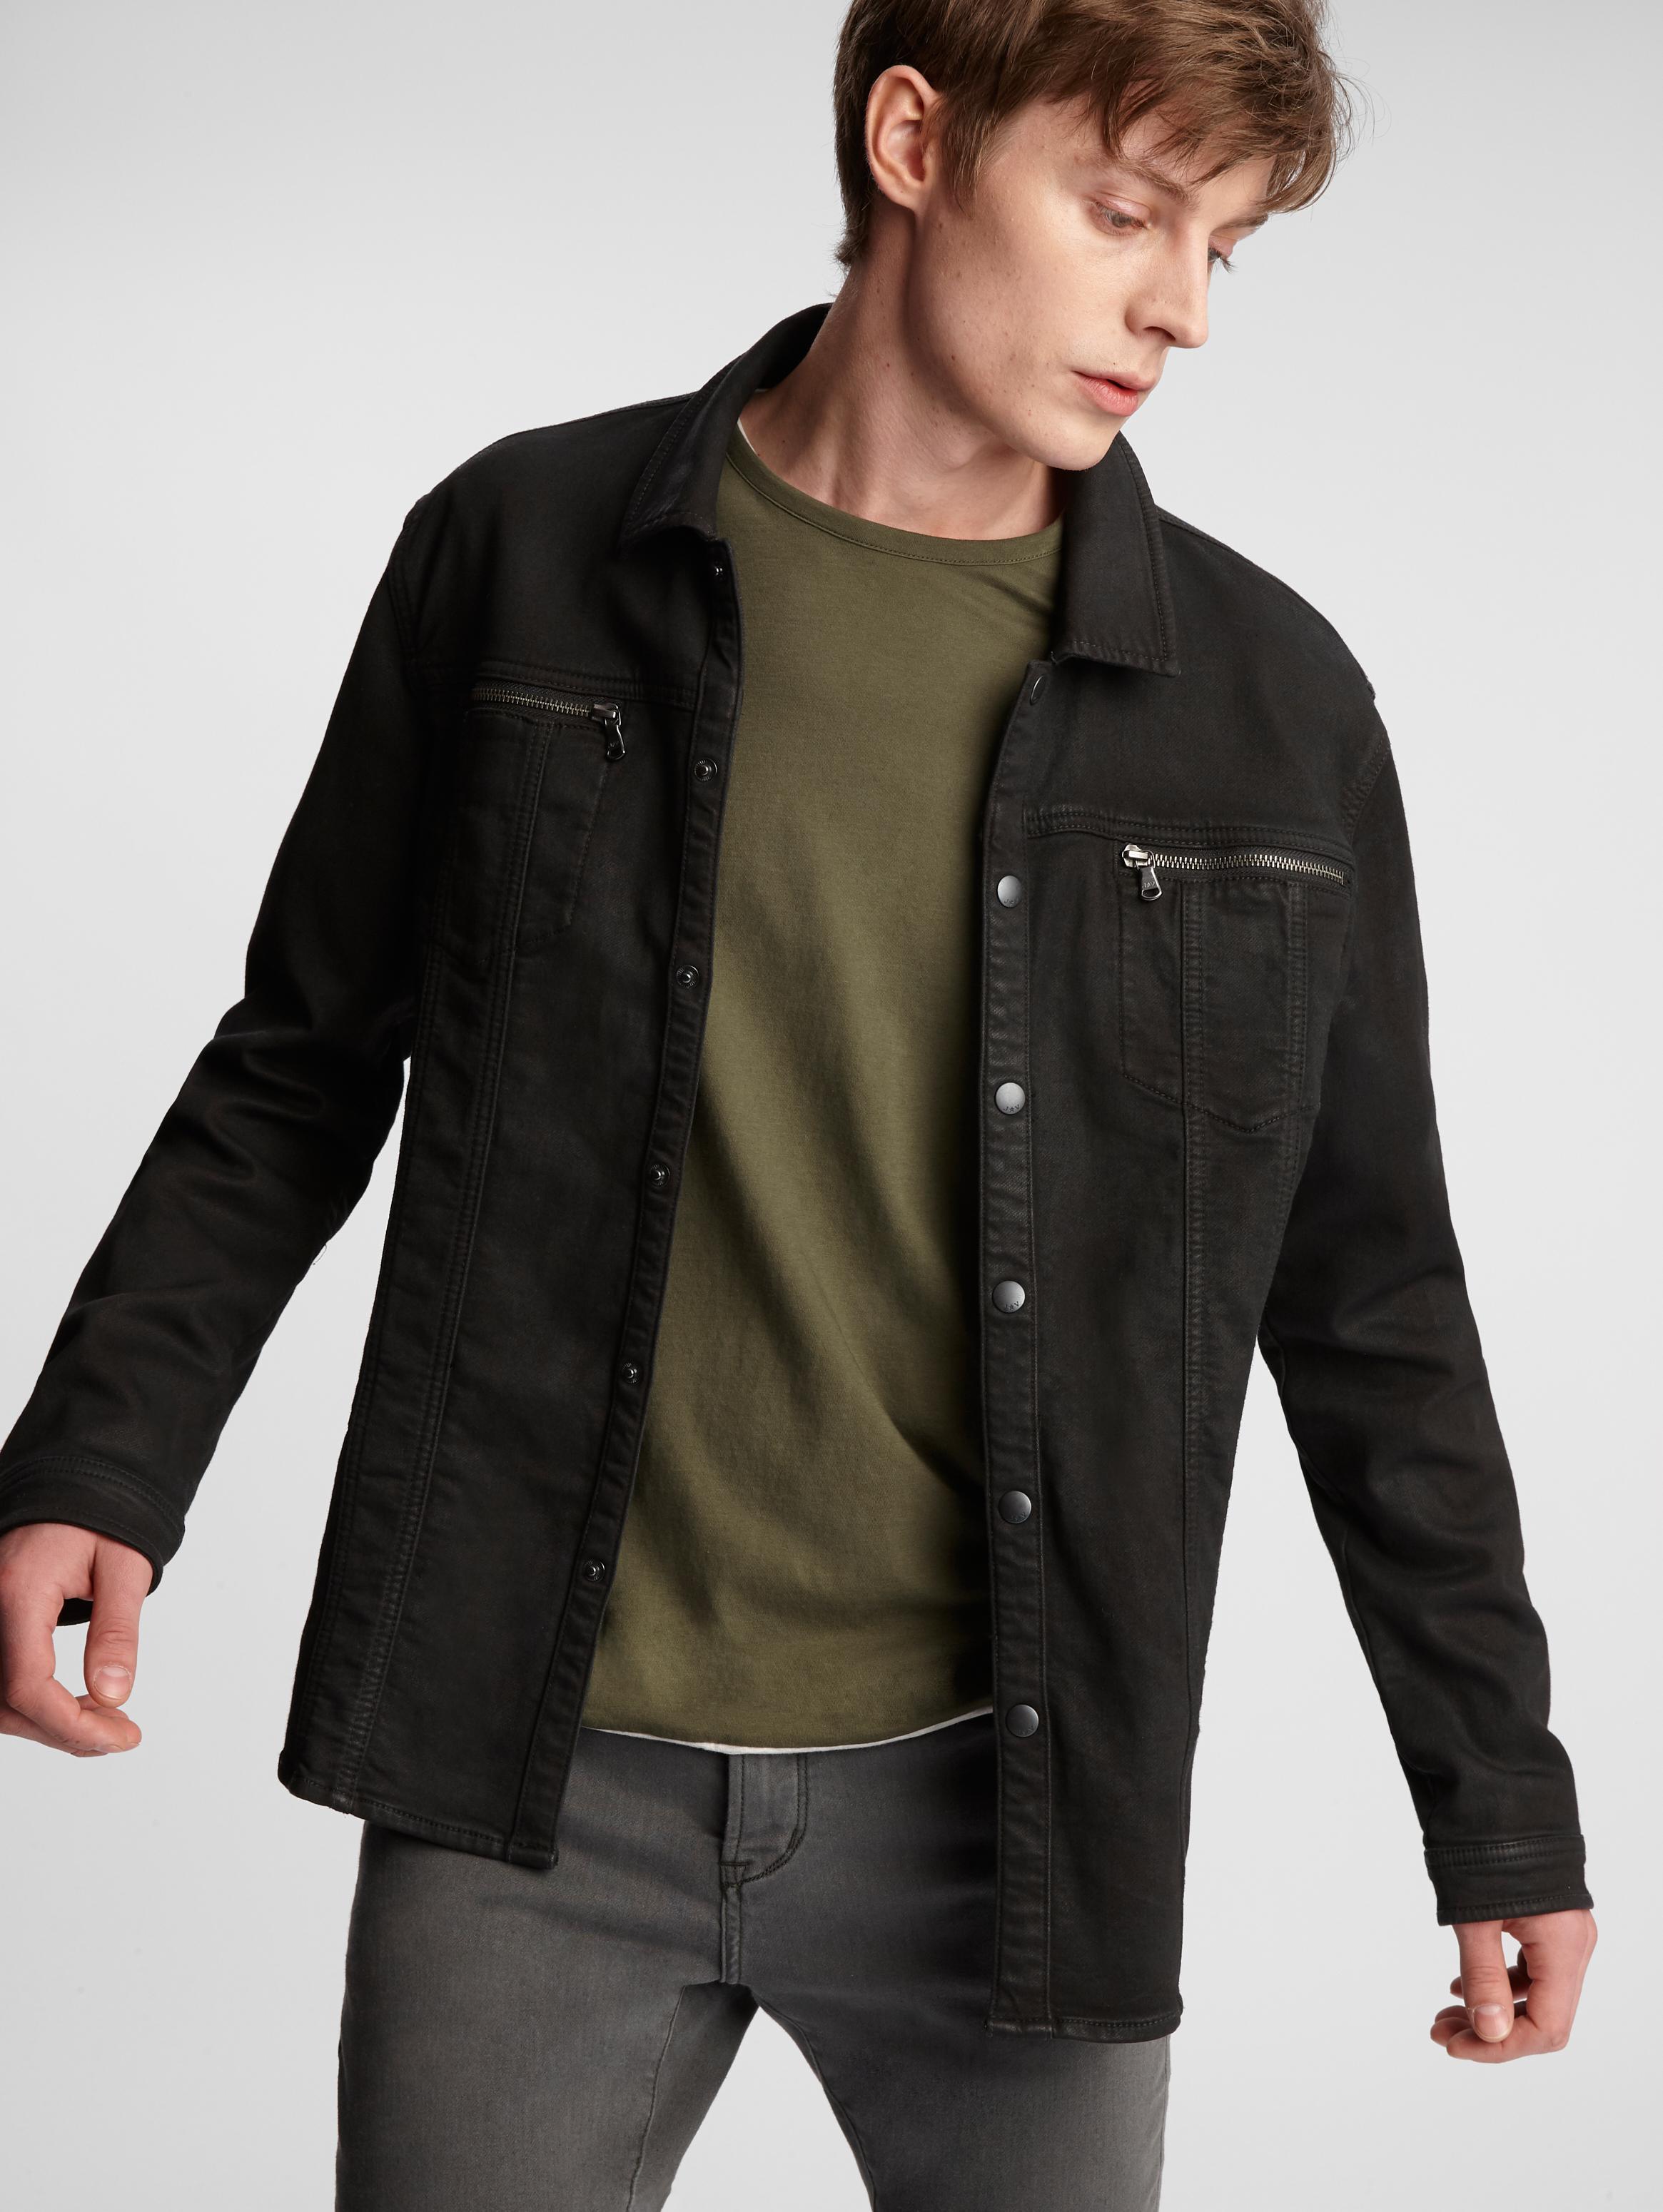 John Varvatos Knit Shirt Jacket Dark Grey